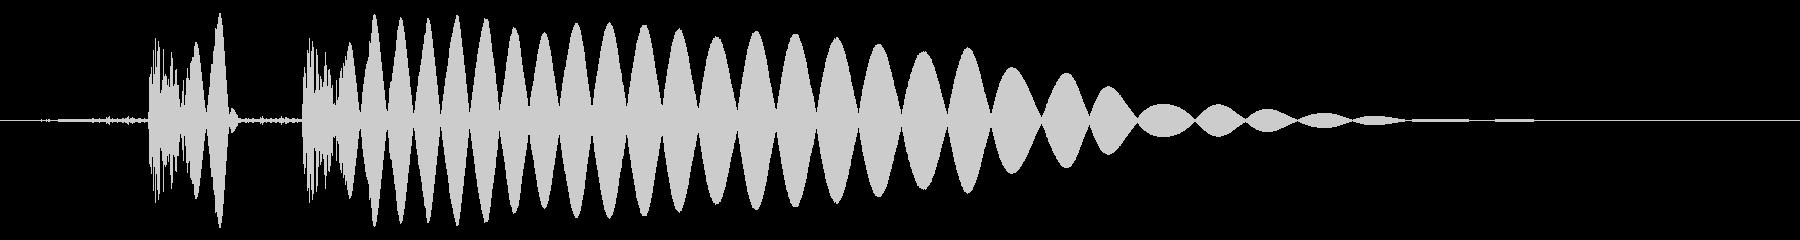 EDM/IDM系の埋もれないバスドラム5の未再生の波形